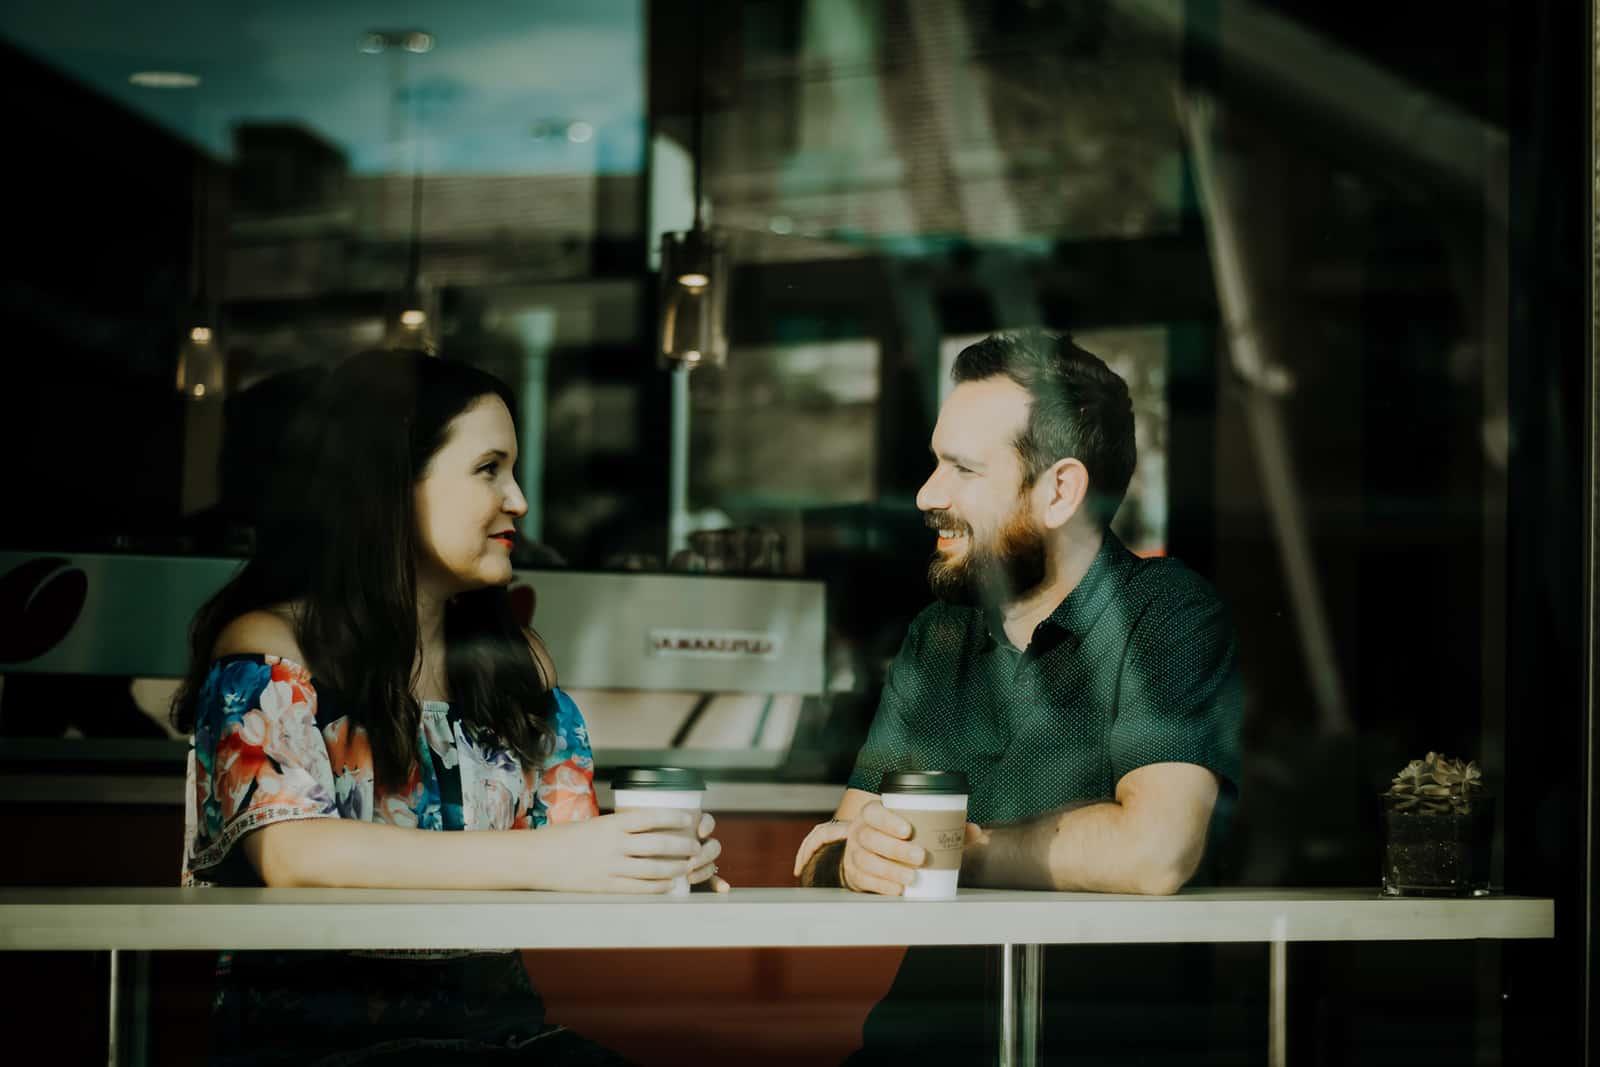 Ein Mann und eine Frau unterhalten sich während eines Dates im Café